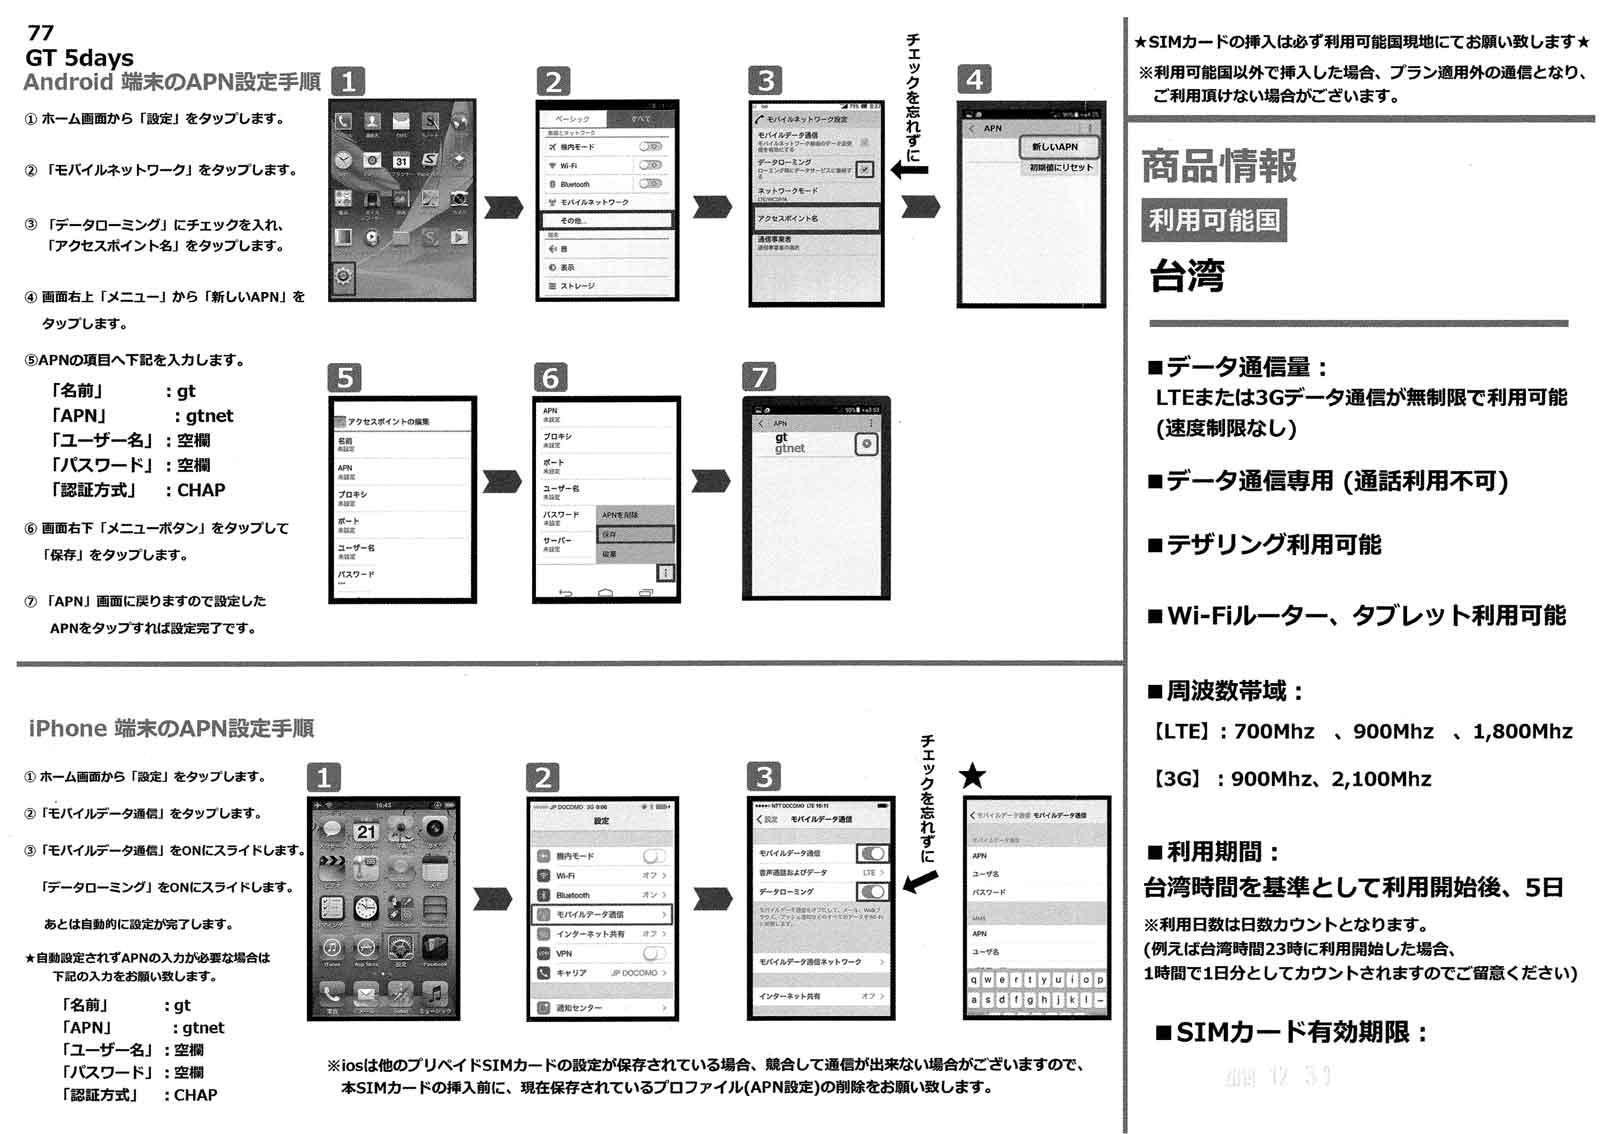 亜太電信プリペイドSIM説明書